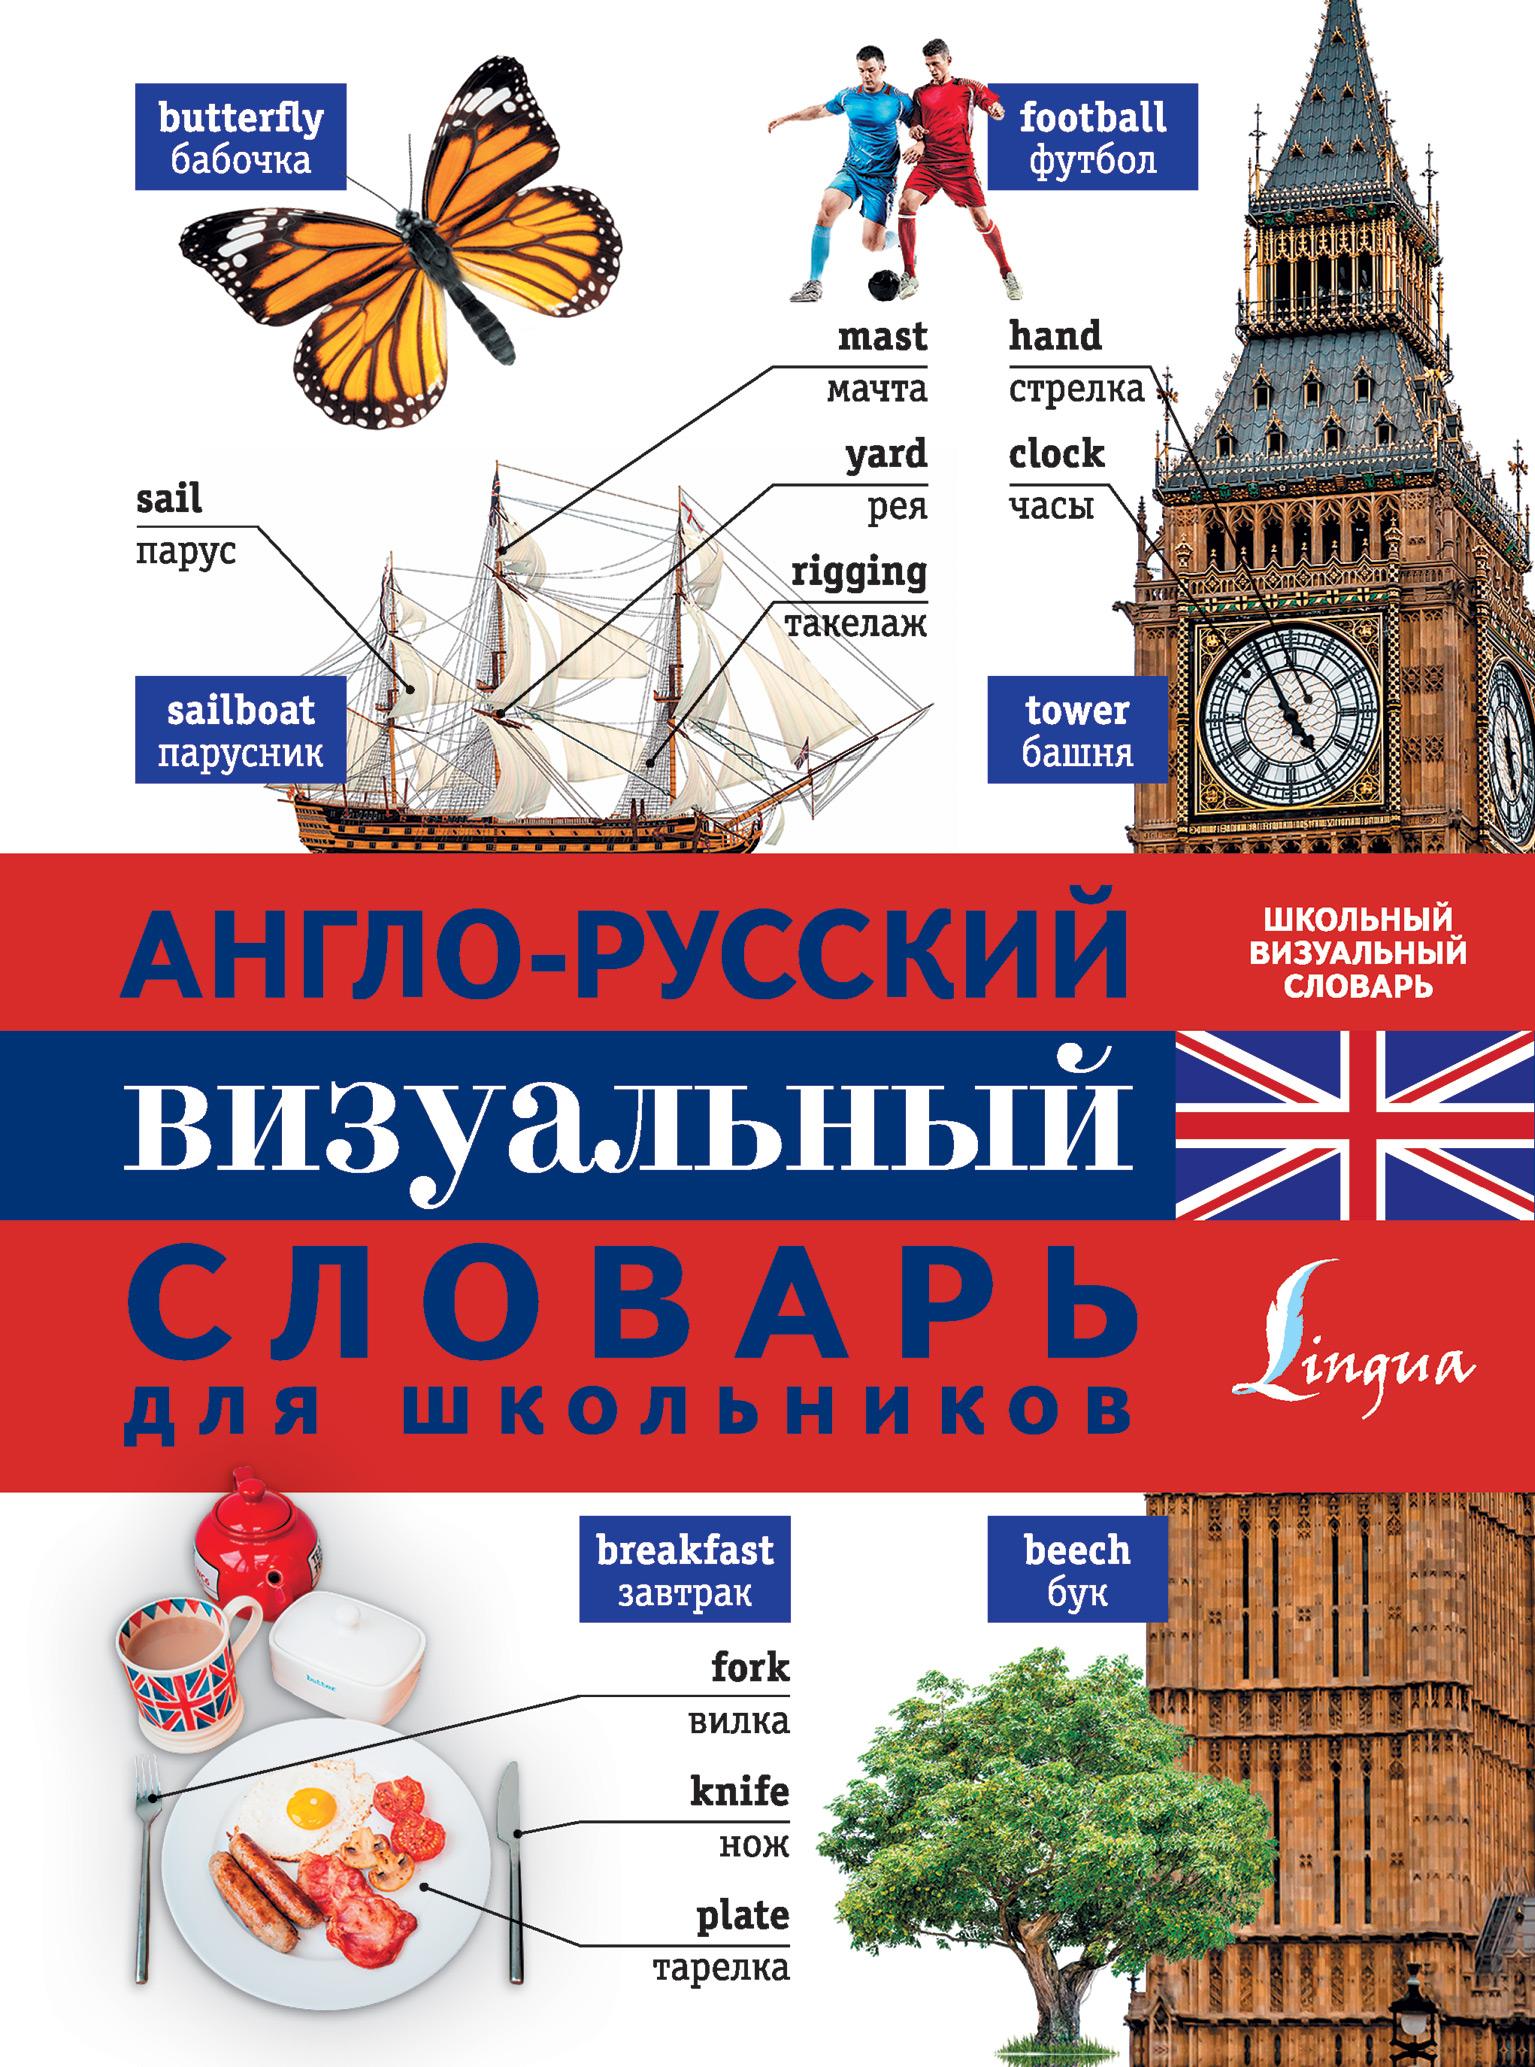 купить Отсутствует Англо-русский визуальный словарь для школьников по цене 249 рублей